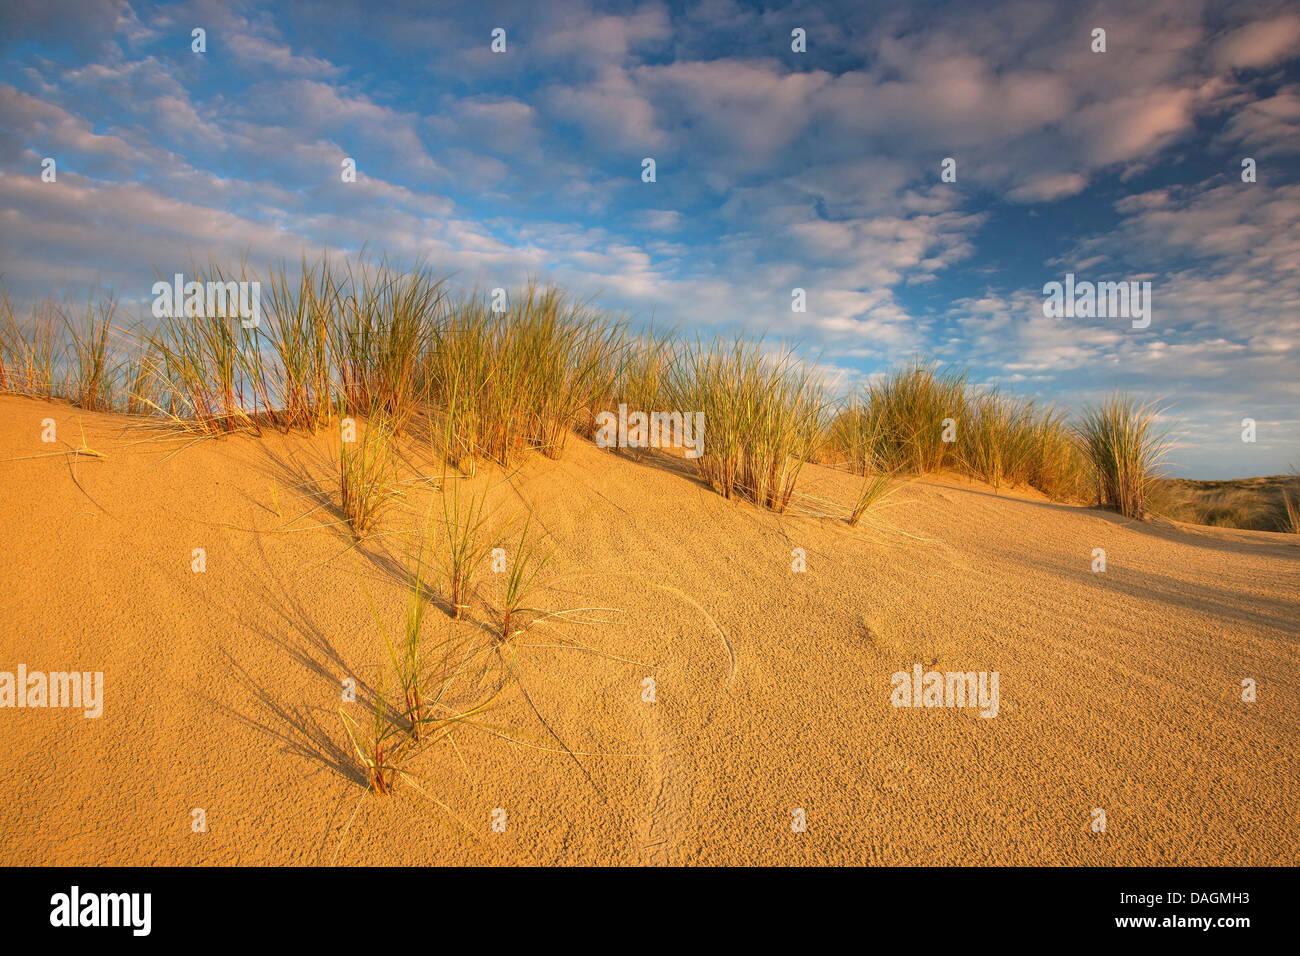 beach grass, European beachgrass, marram grass, psamma, sea sand-reed (Ammophila arenaria), dunes with beach grass - Stock Image